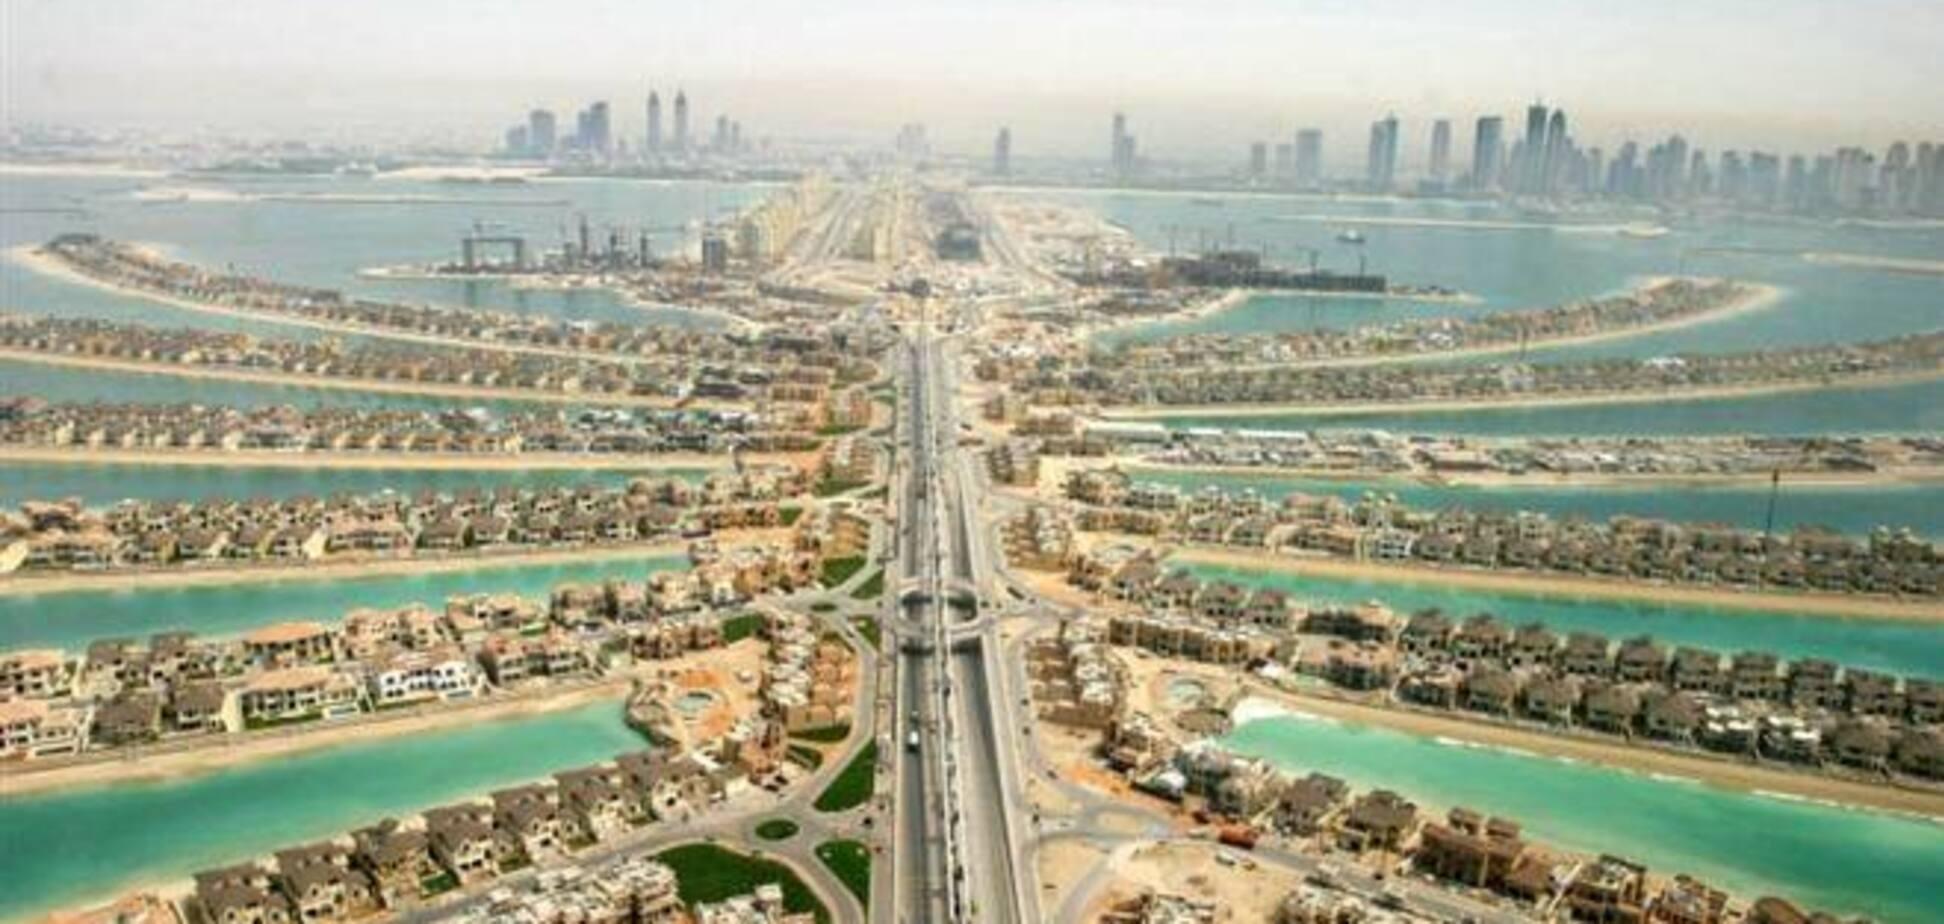 В Арабских Эмиратах инвесторы спекулируют виллами проекта Palma